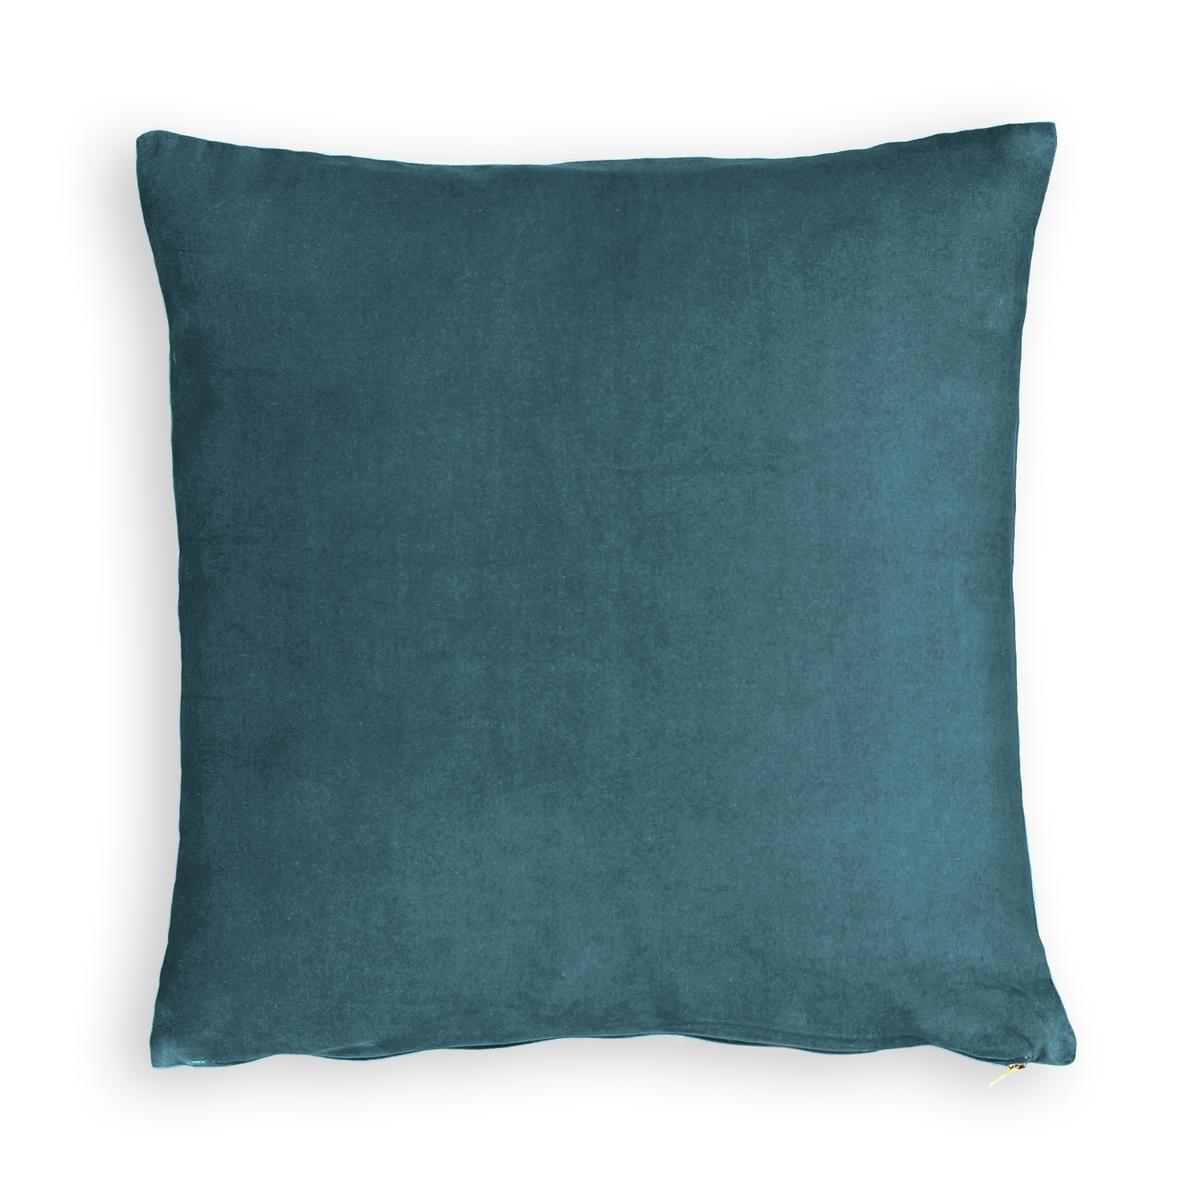 Чехол для подушки из велюра и льна POLEN чехол для подушки 55